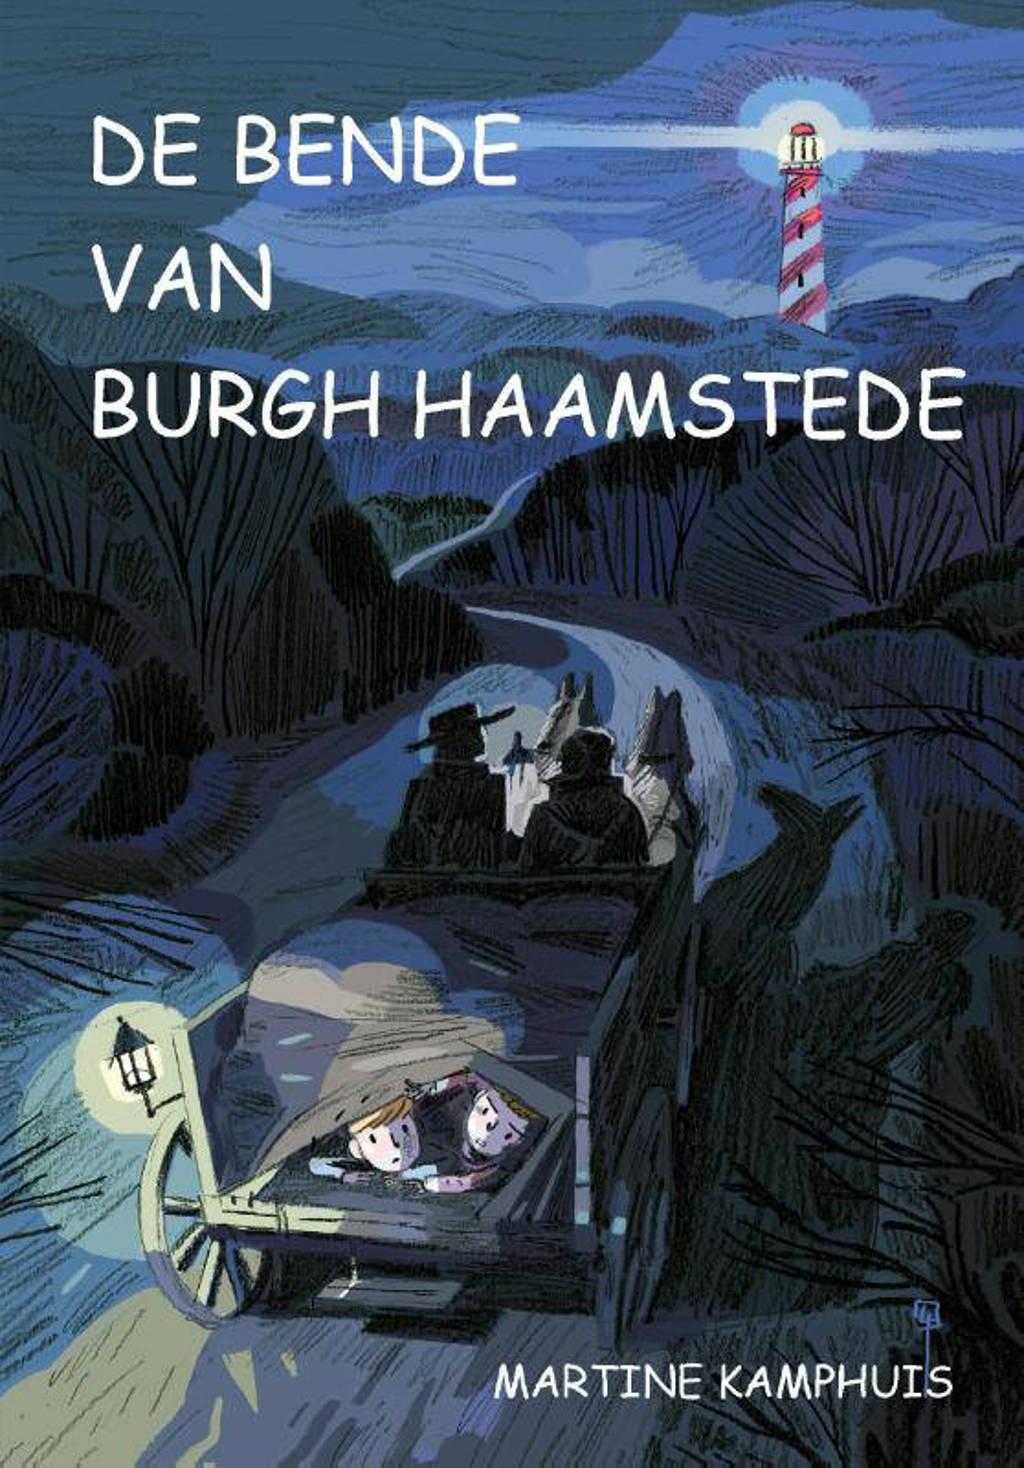 De bende van Burgh Haamstede - Martine Kamphuis